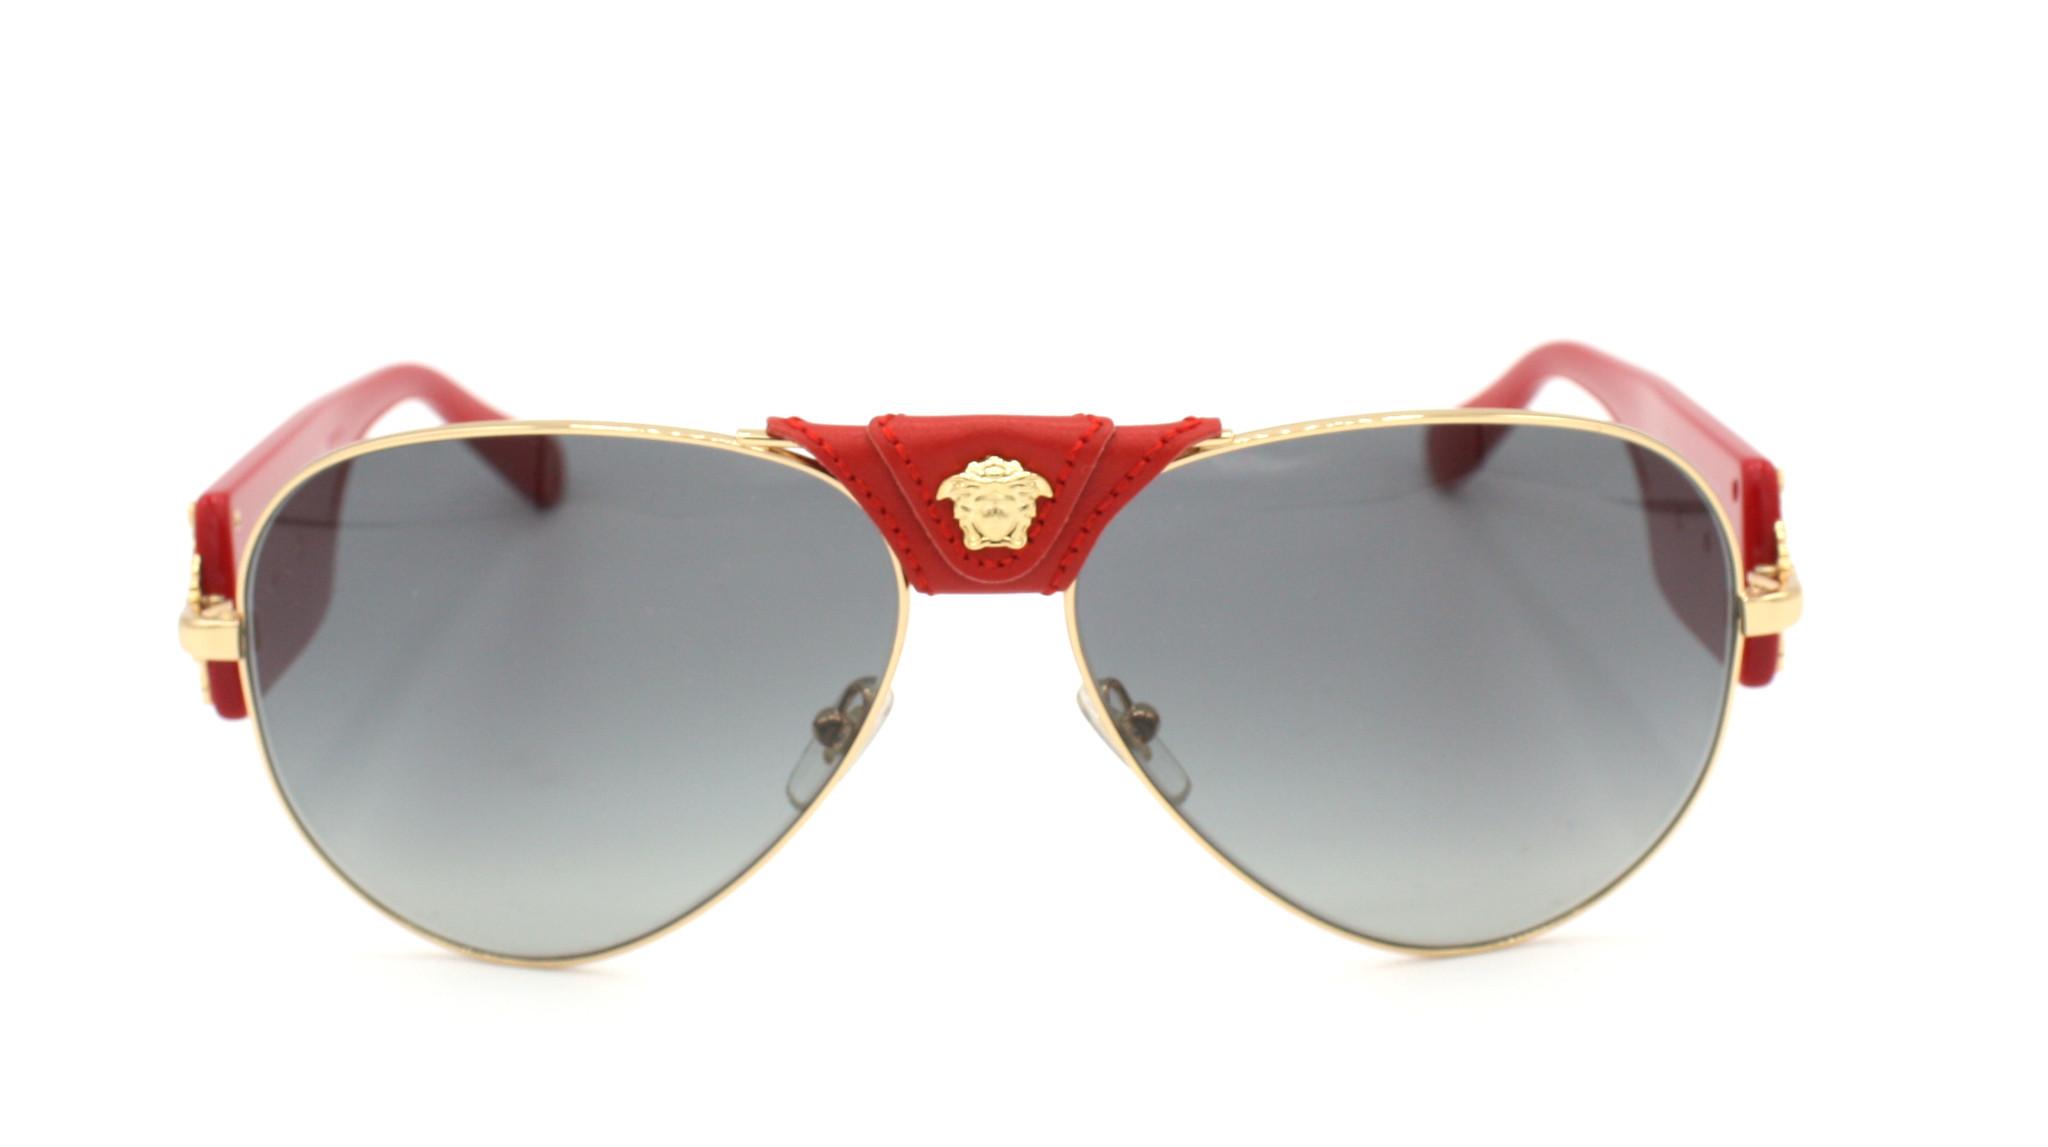 Versace - 2150-Q - 1002/11 2N-1